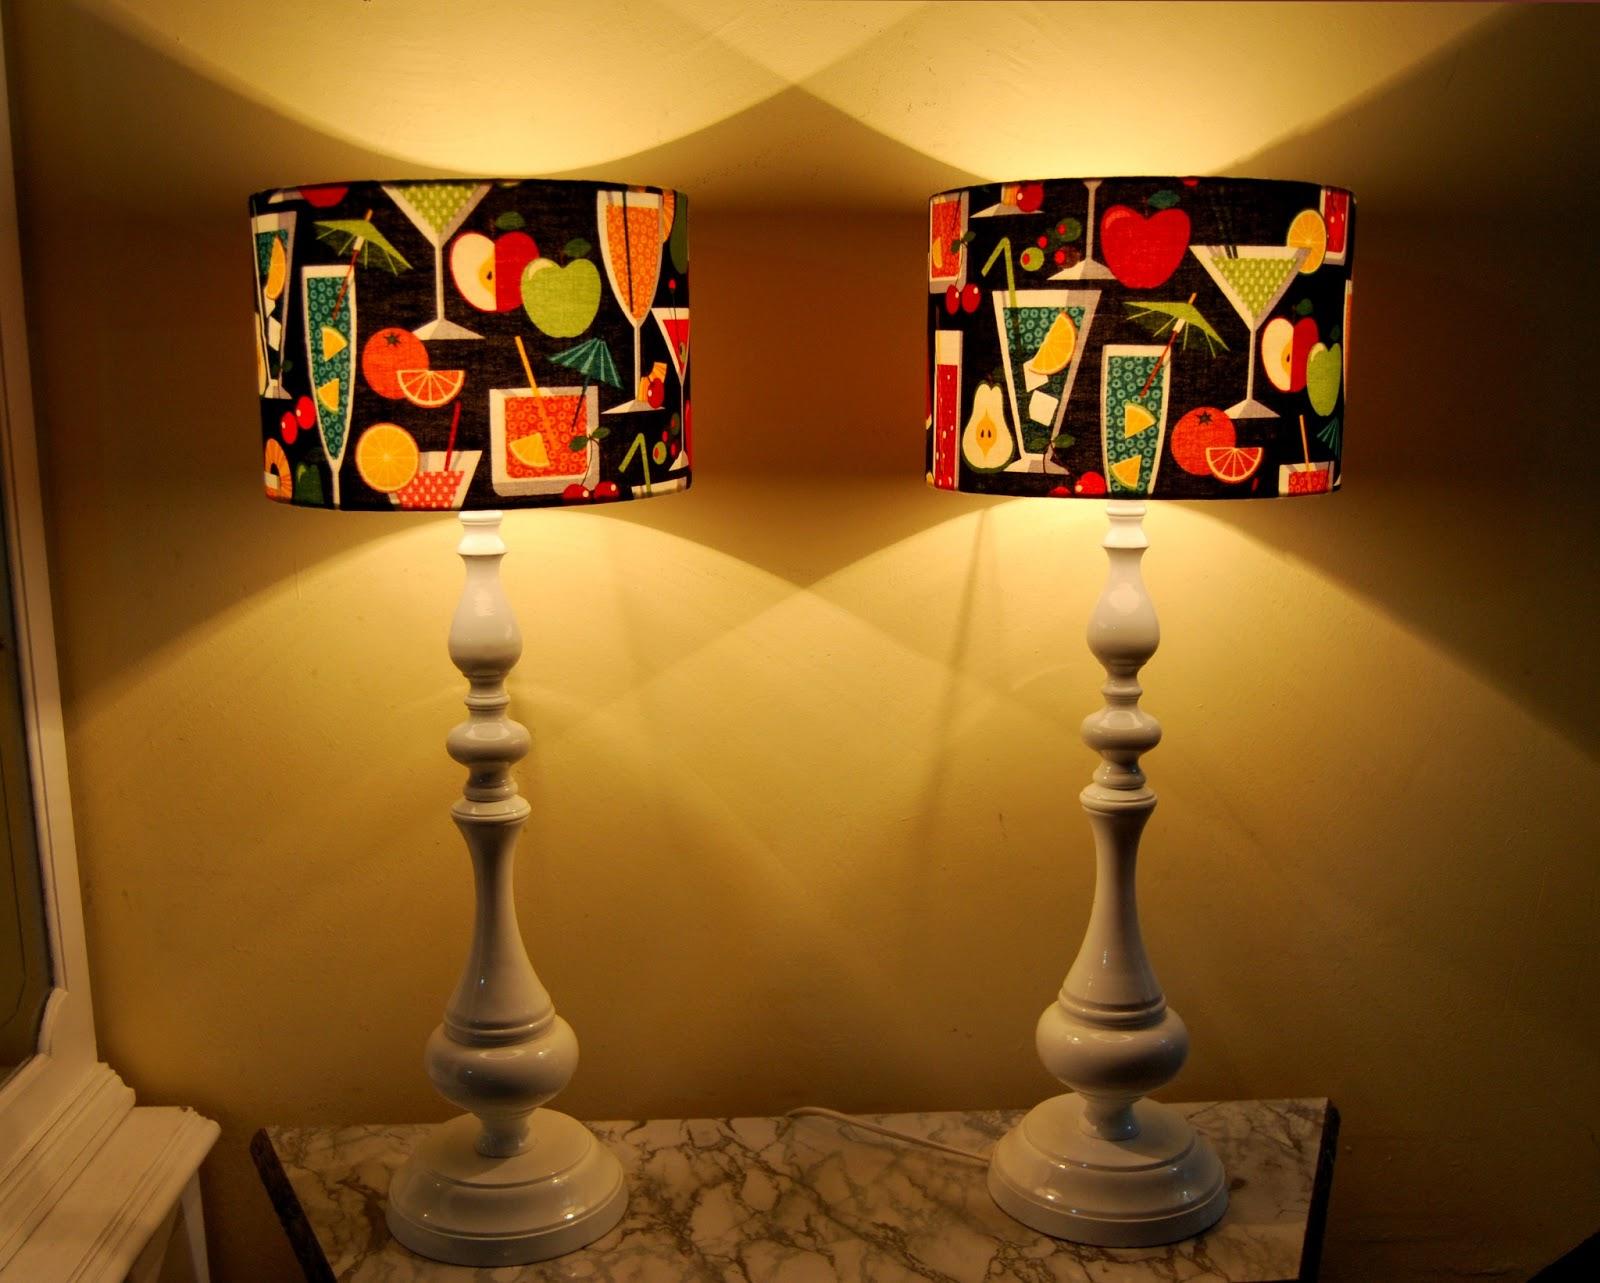 La tapicera pantallas de lampara con nuestra telas - Pantallas de lamparas ...